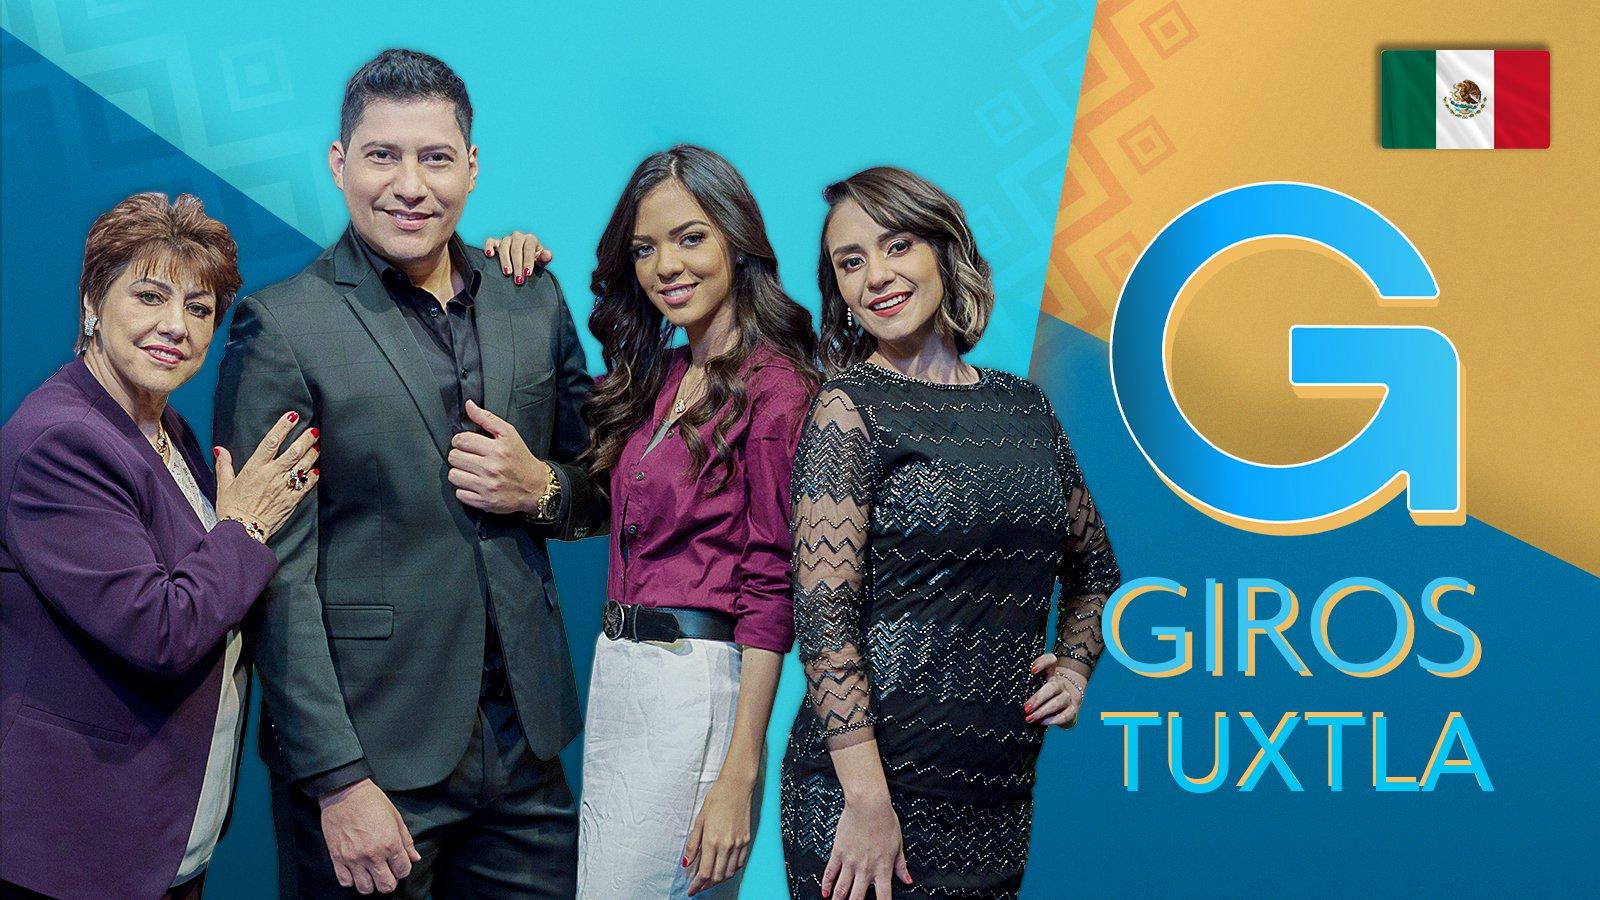 Giros Tuxtla poster